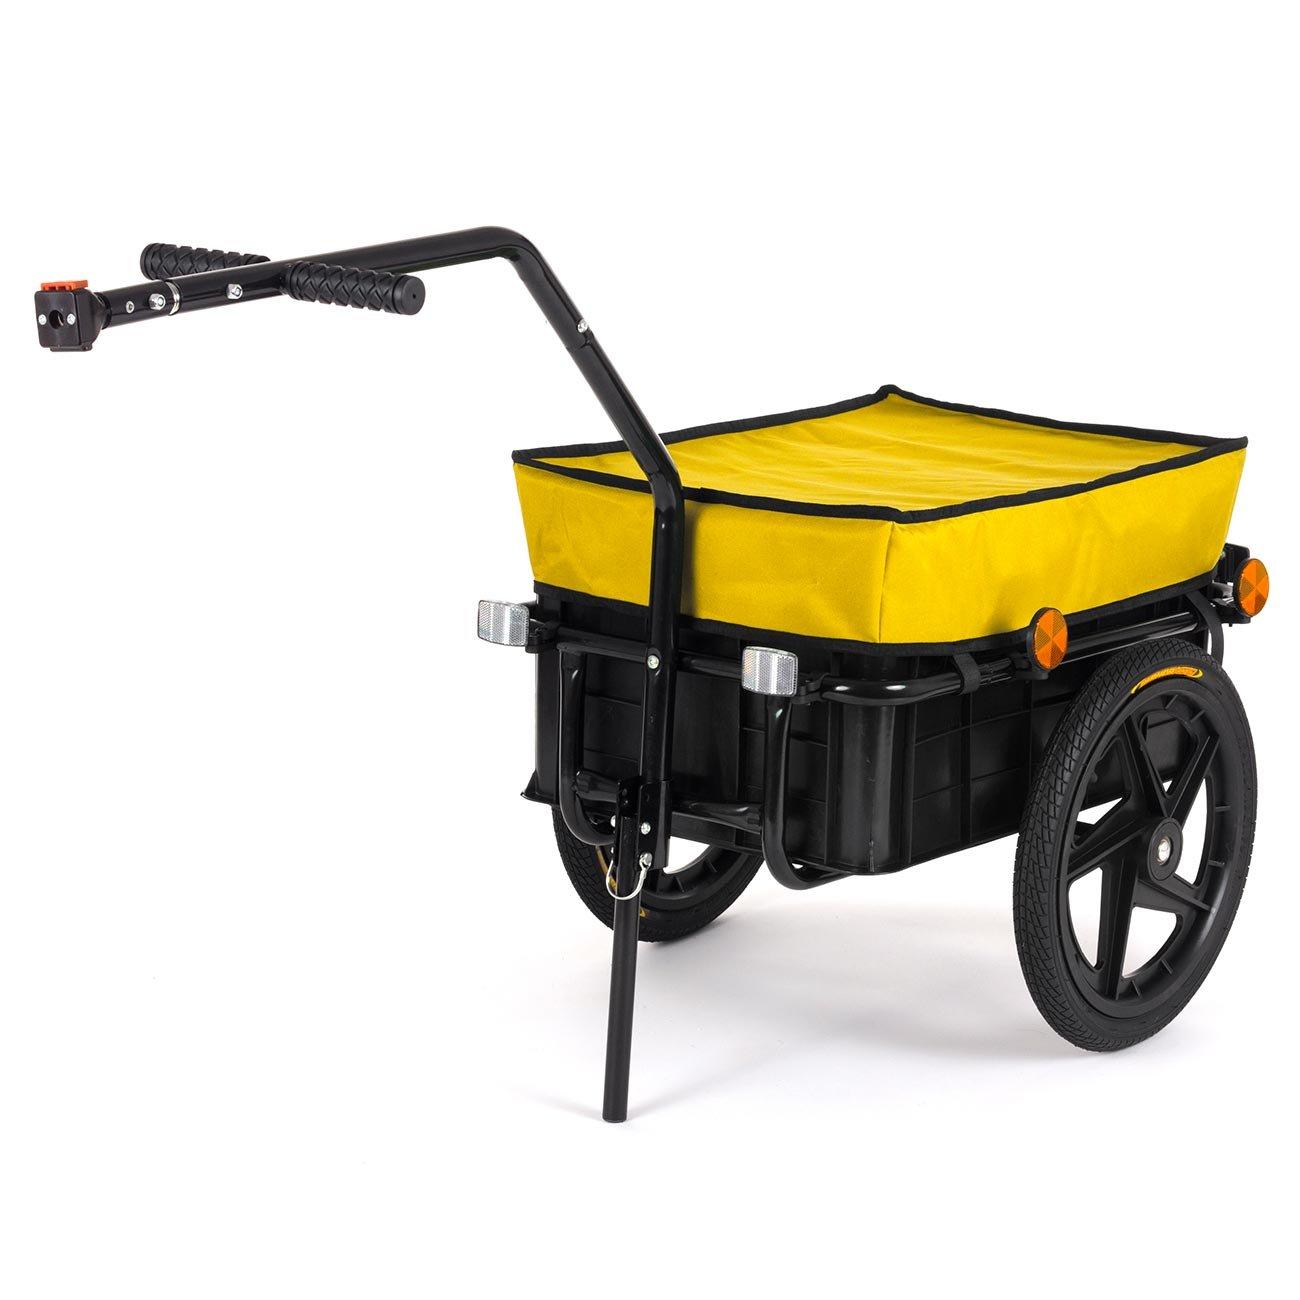 SAMAX Rimorchio per Bicicletta con Ruote Bici Carrello Rimorchio per bagaglio Trasporto Carico Carello Carretto 60 Kg 70L in Giallo - disponibile in altri colori